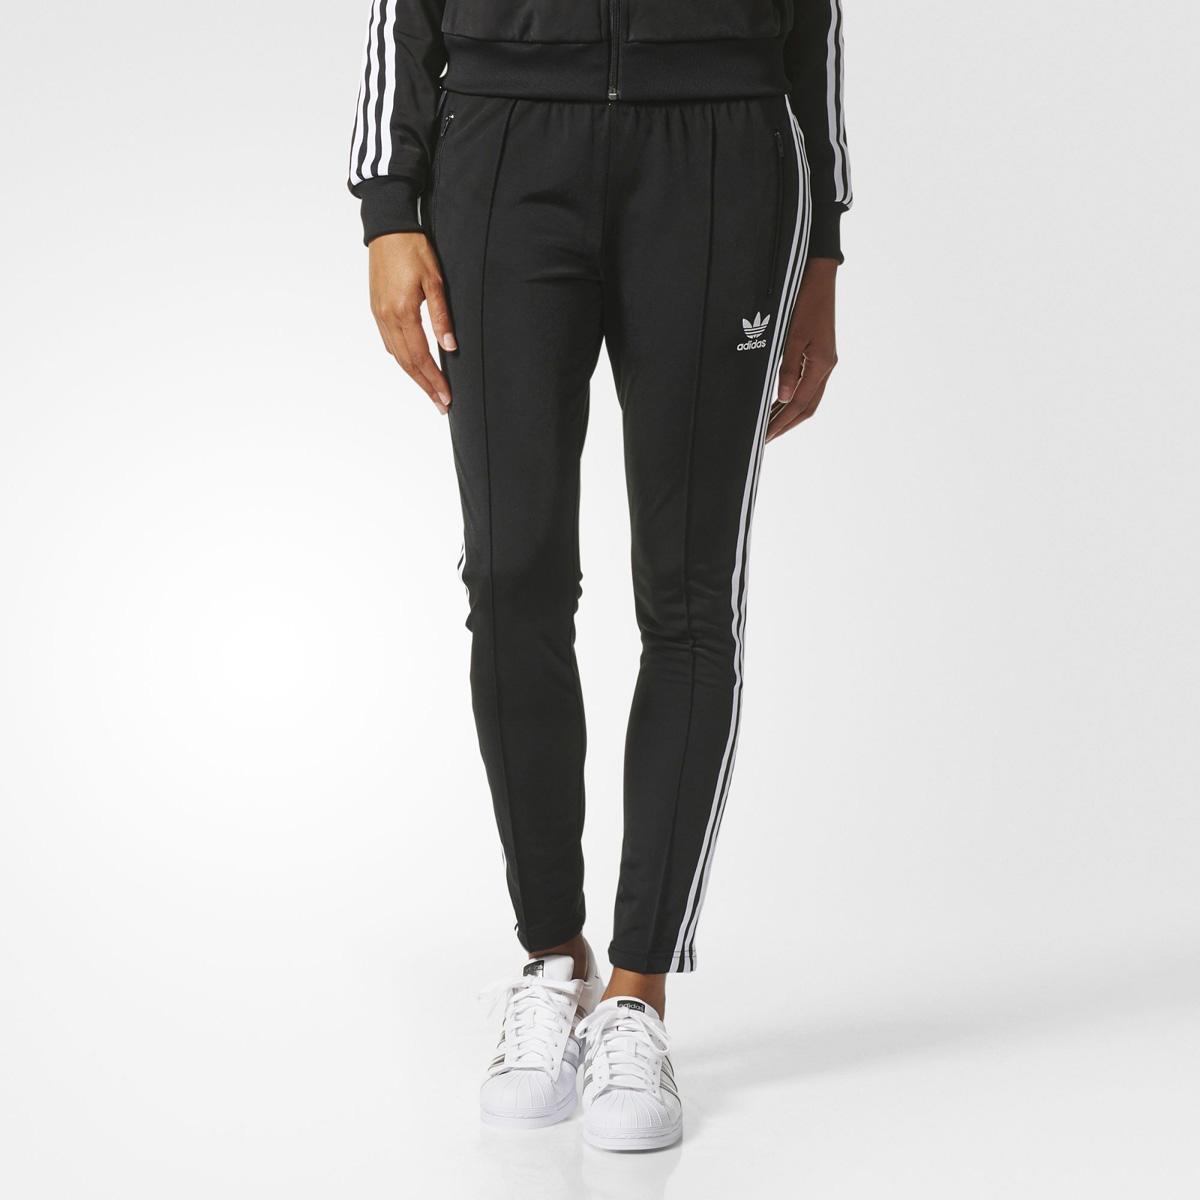 90307fec adidas Originals SST TRACK PANTS (Adidas originals SST trackpants BLACK  17FW-I